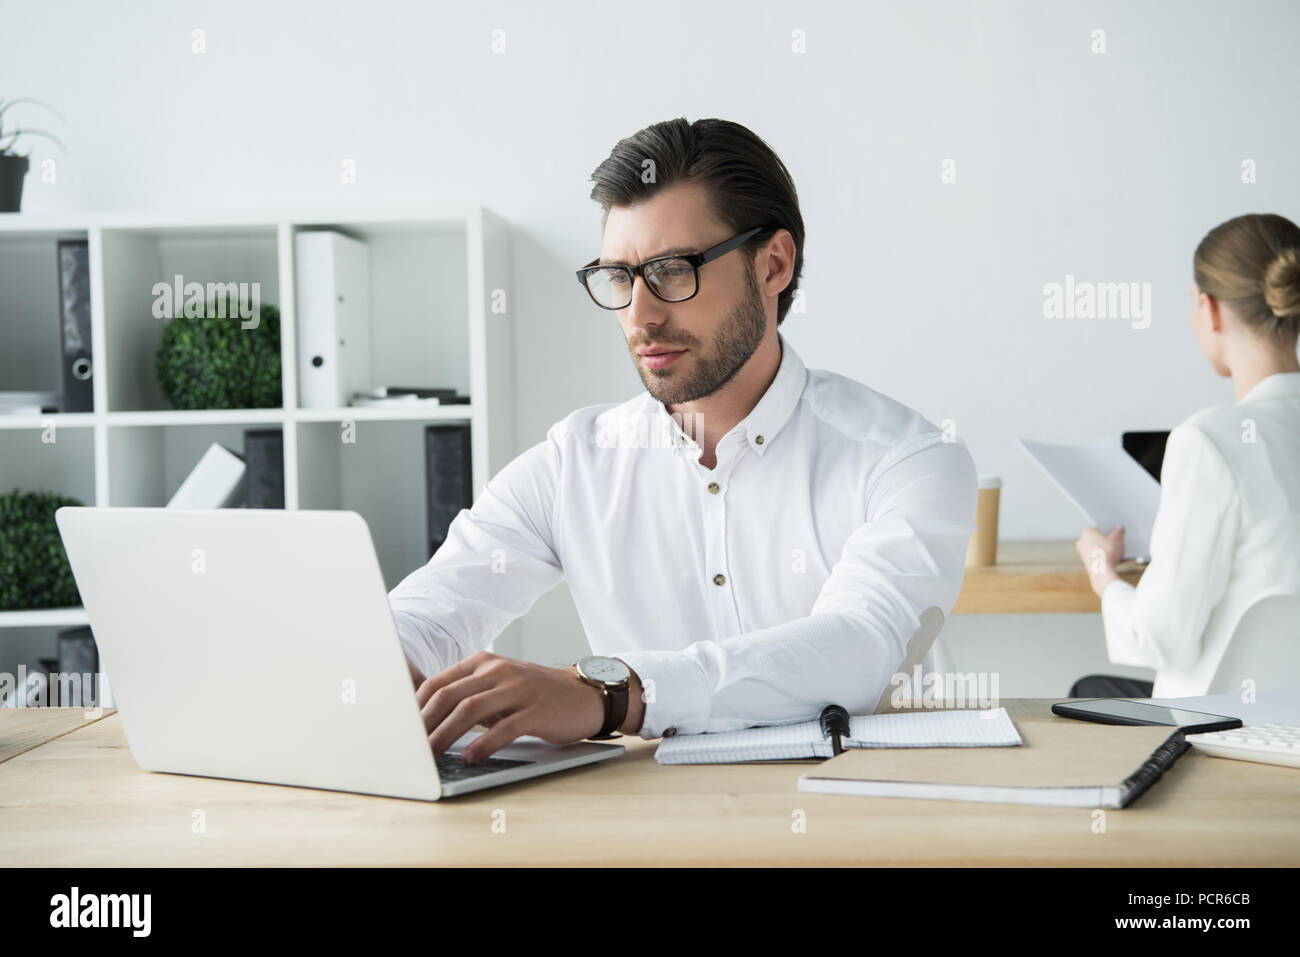 Bureau homme moderne homme mûr au bureau créatif avec bureau